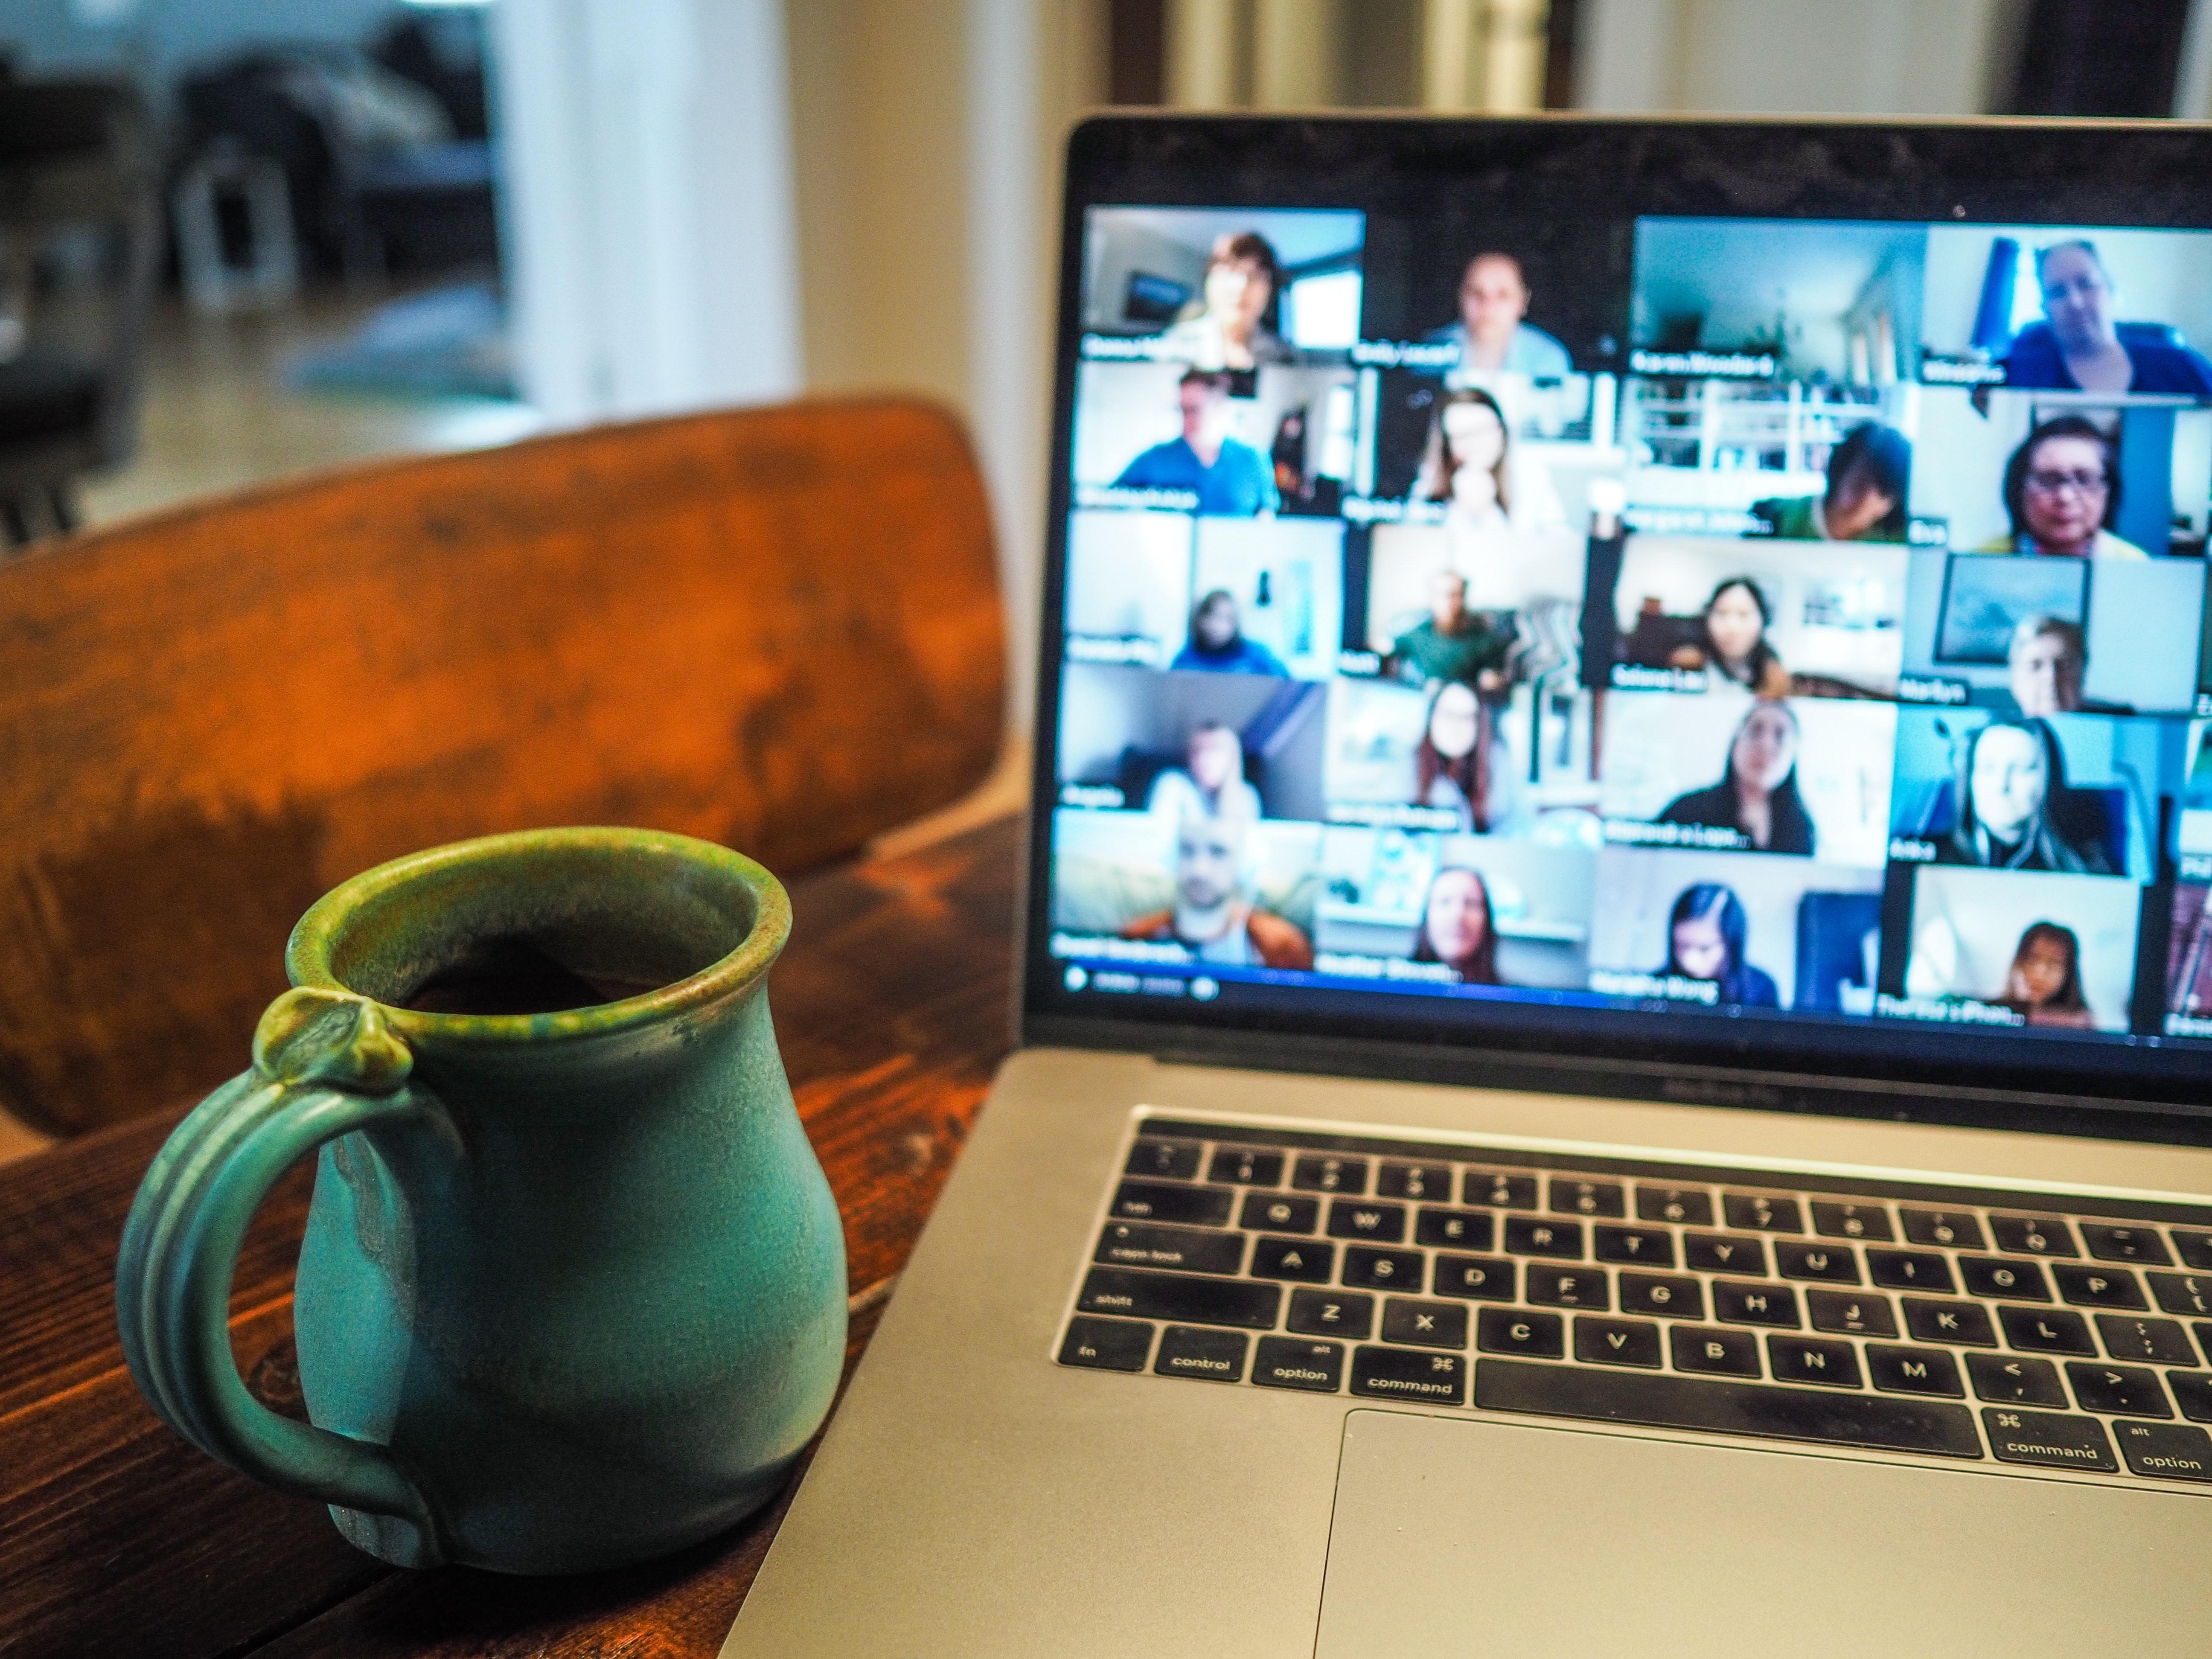 O que é teletrabalho e ideias de trabalho: gestão de projetos